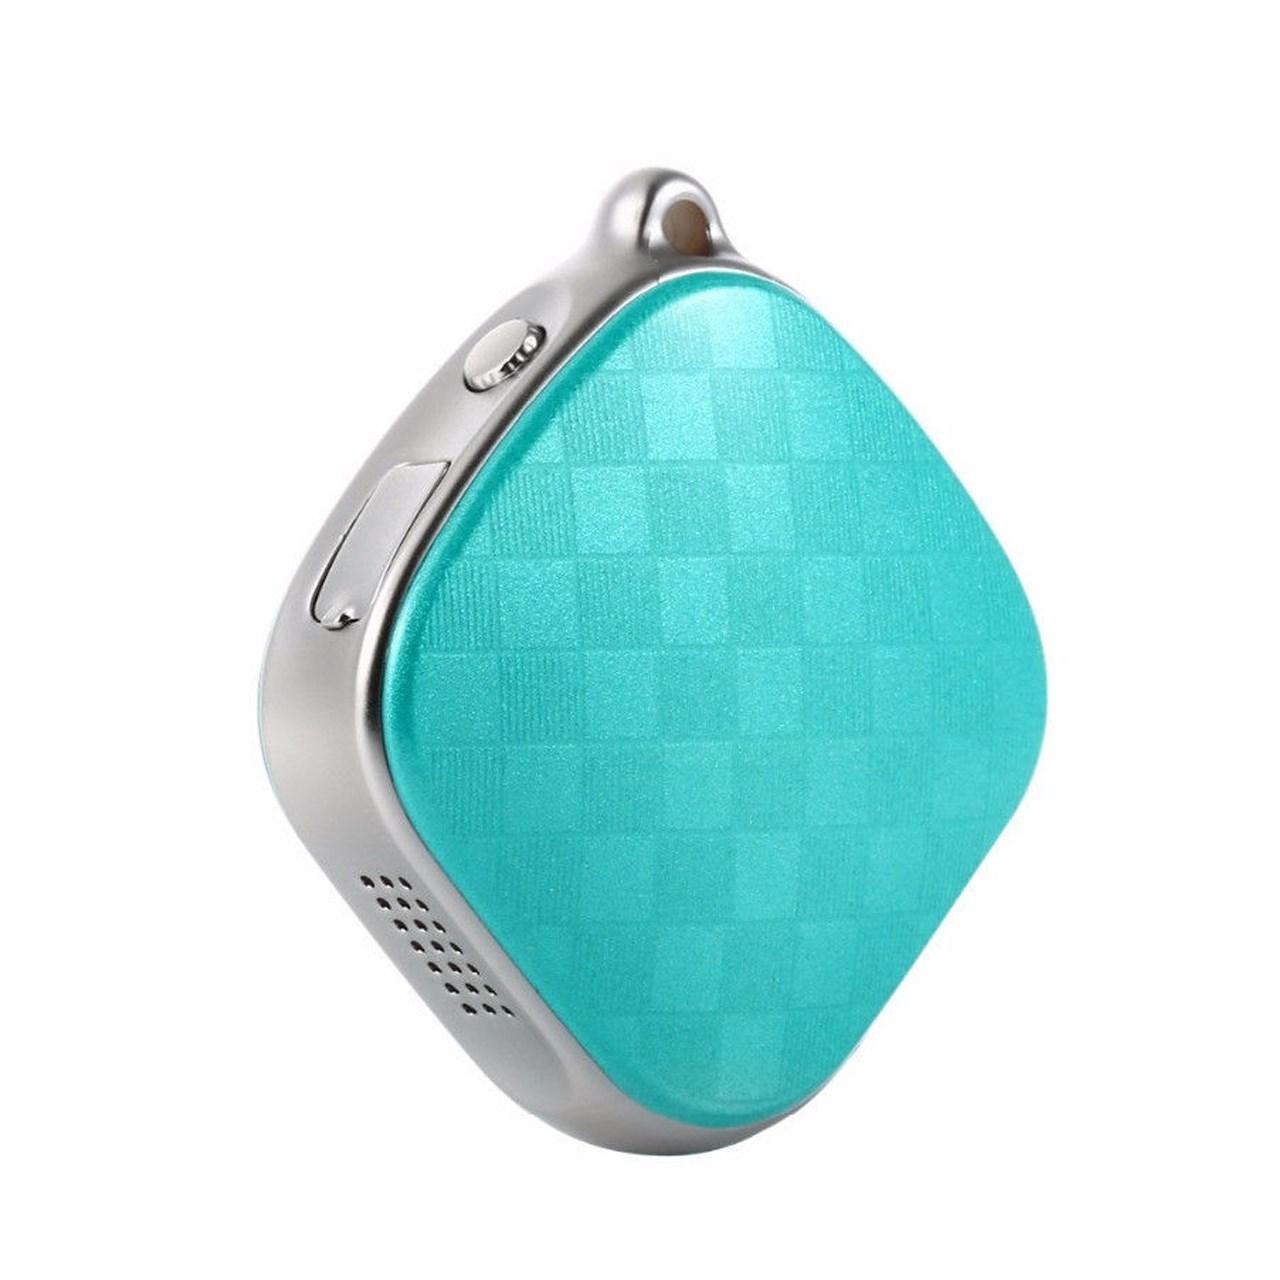 خرید اینترنتی                     ردیاب نفریاب مینی ترکر مدل Mini Tracker A9